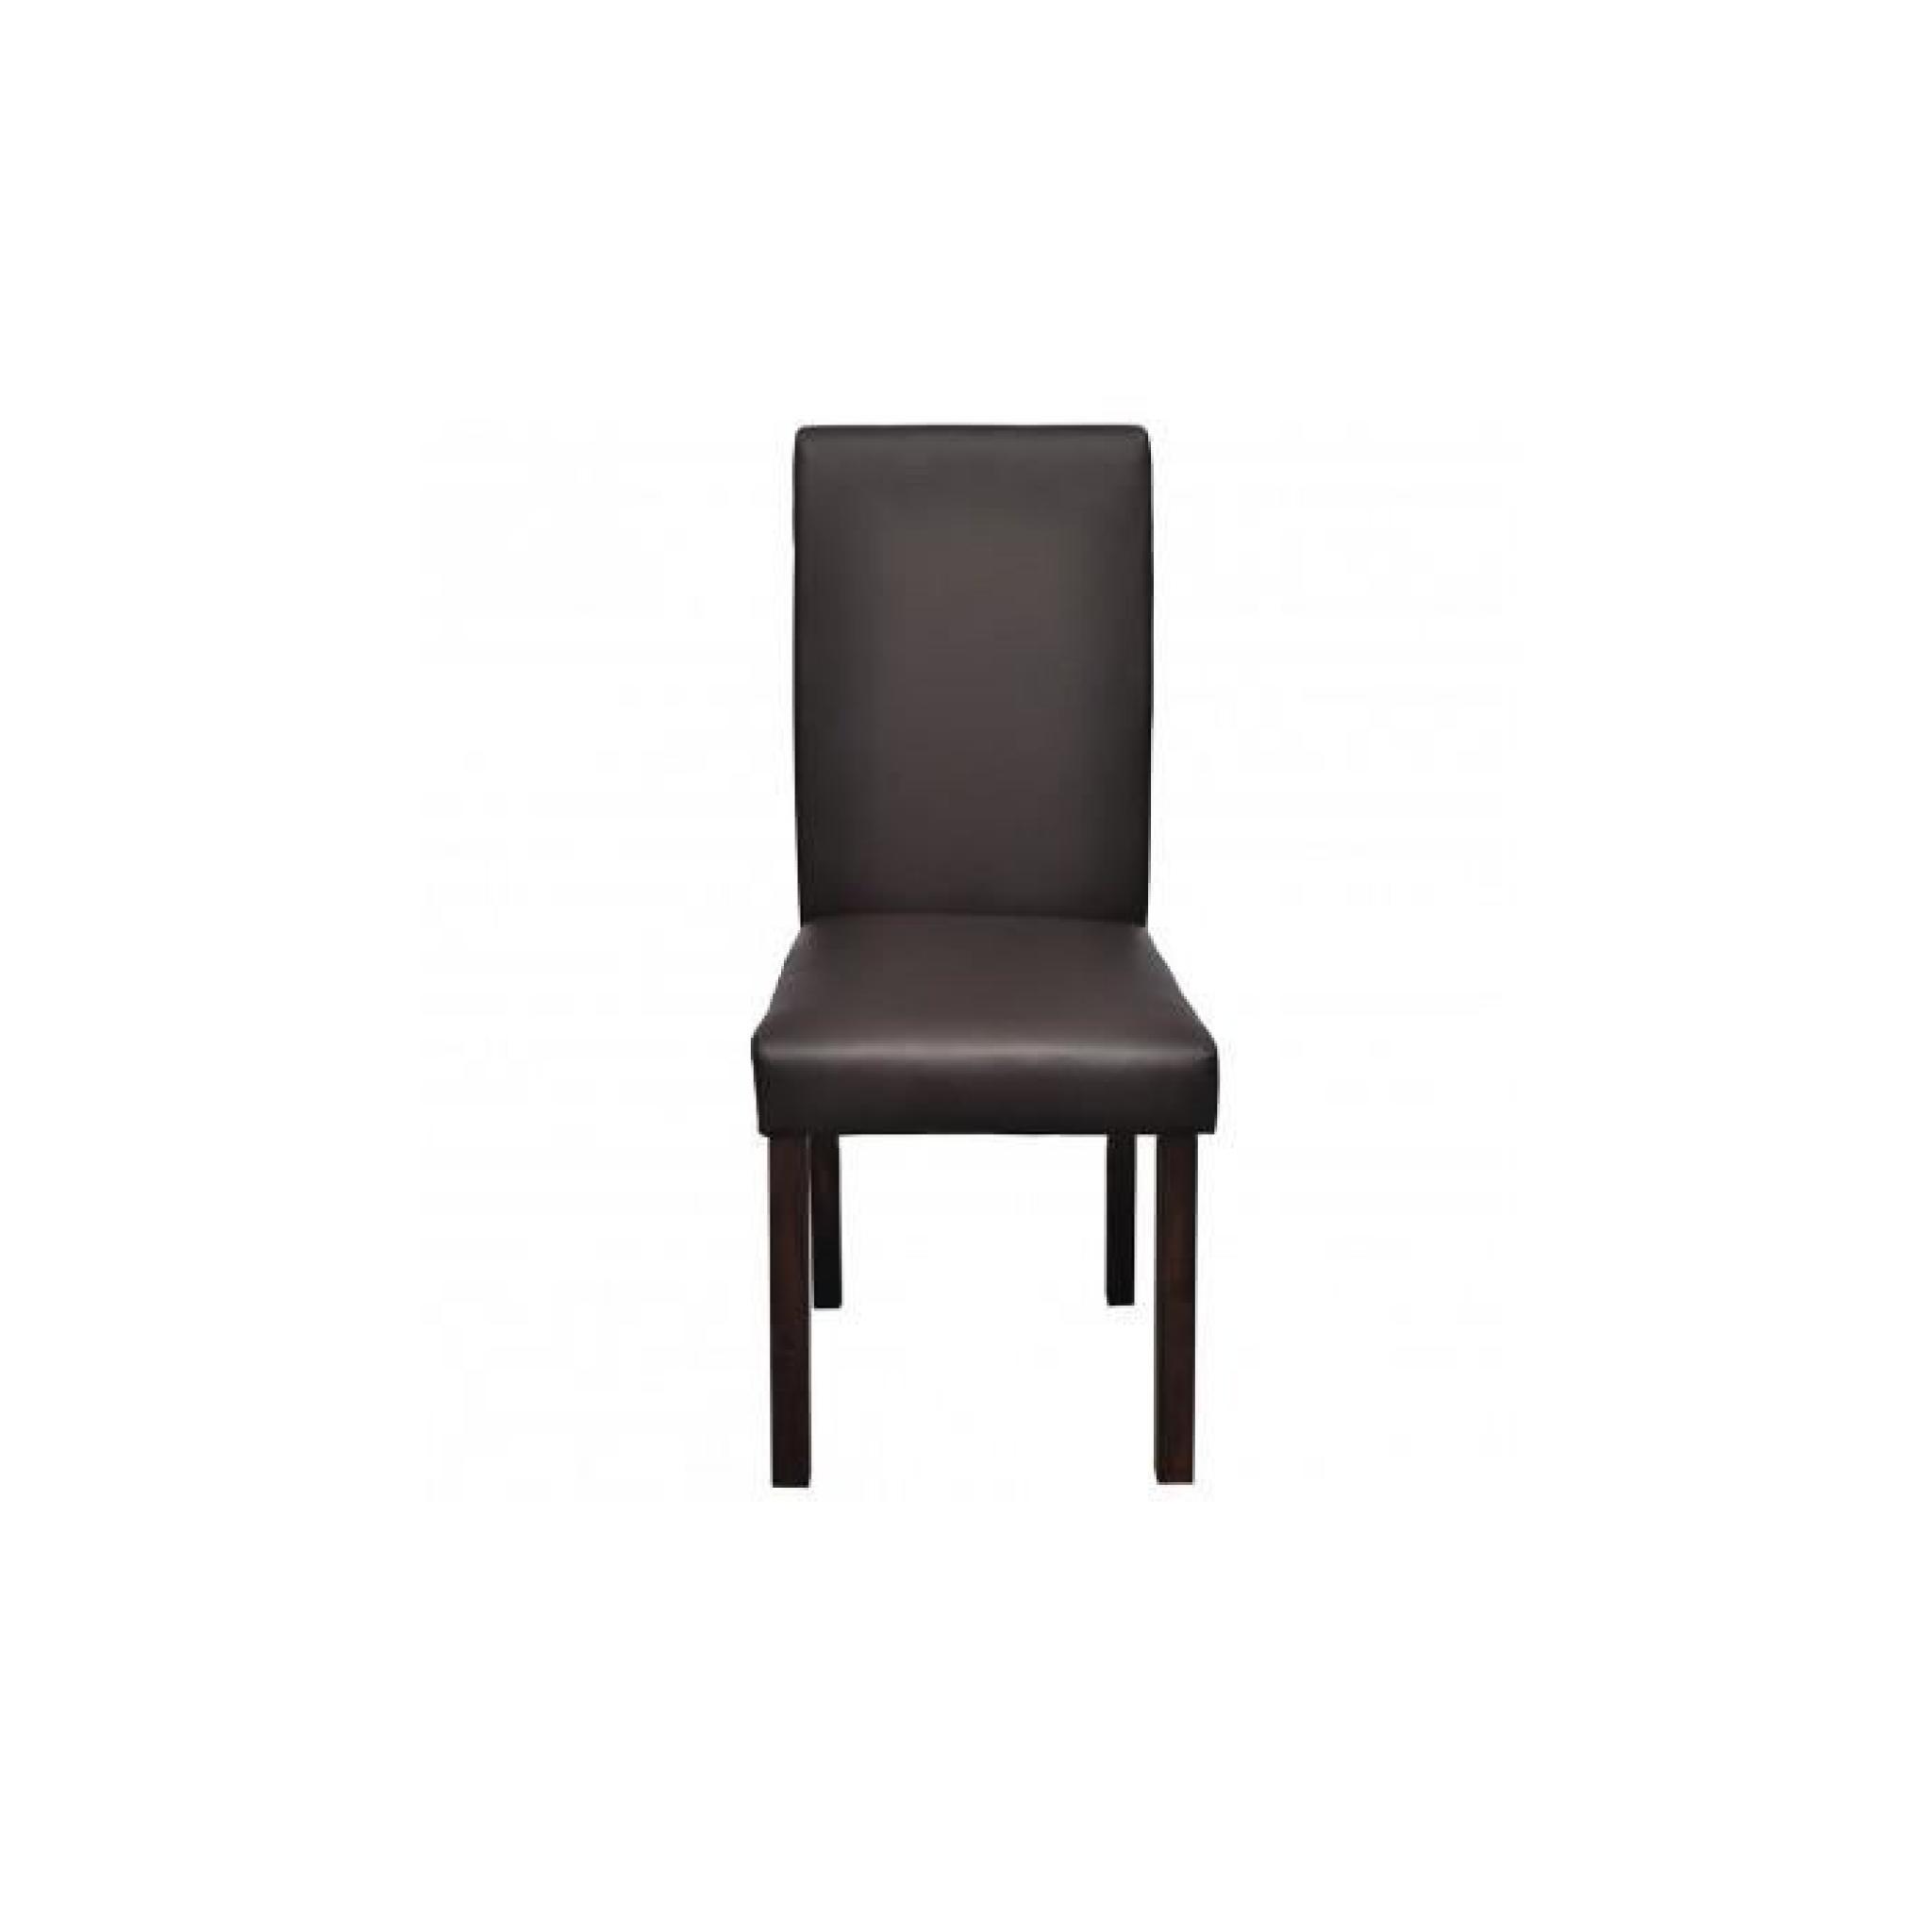 Chaise en cuir design colonial marron bois lot de achat - Chaises en cuir design ...